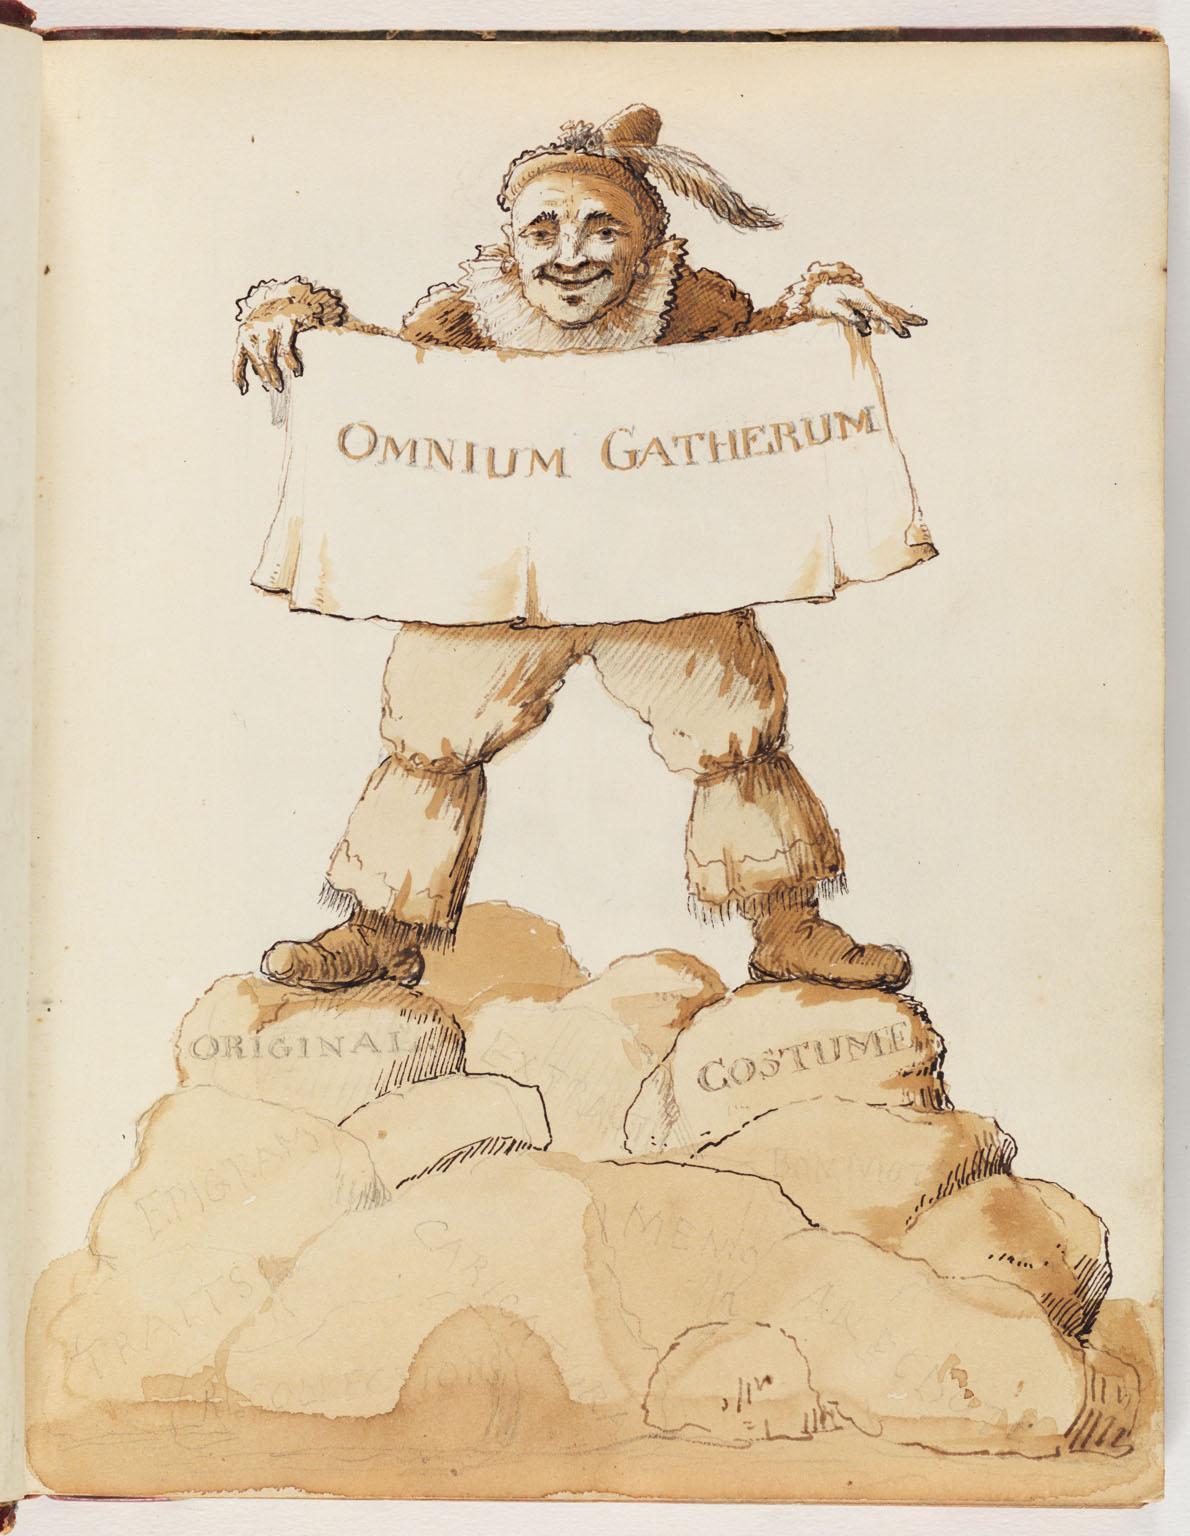 CLICK FOR LARGER IMAGE: Omnium gatherum